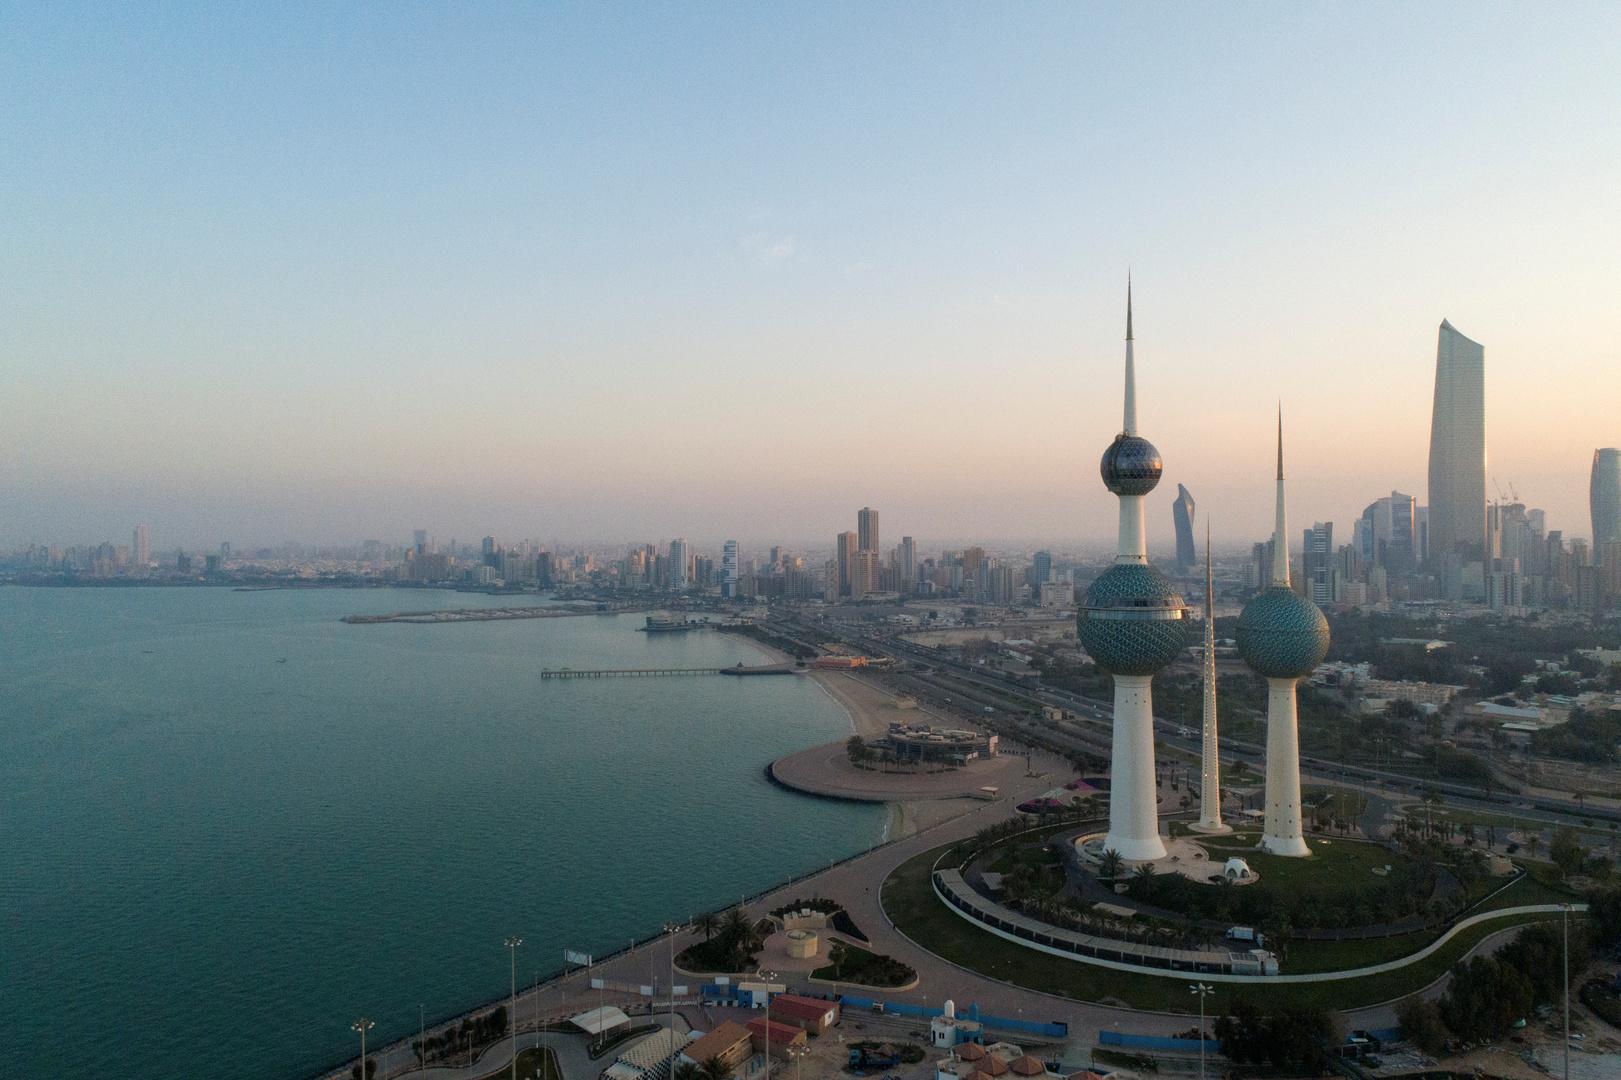 ارتفاع العجز في موازنة الكويت إلى 10.8 مليار دينار في السنة المالية 2020-2021